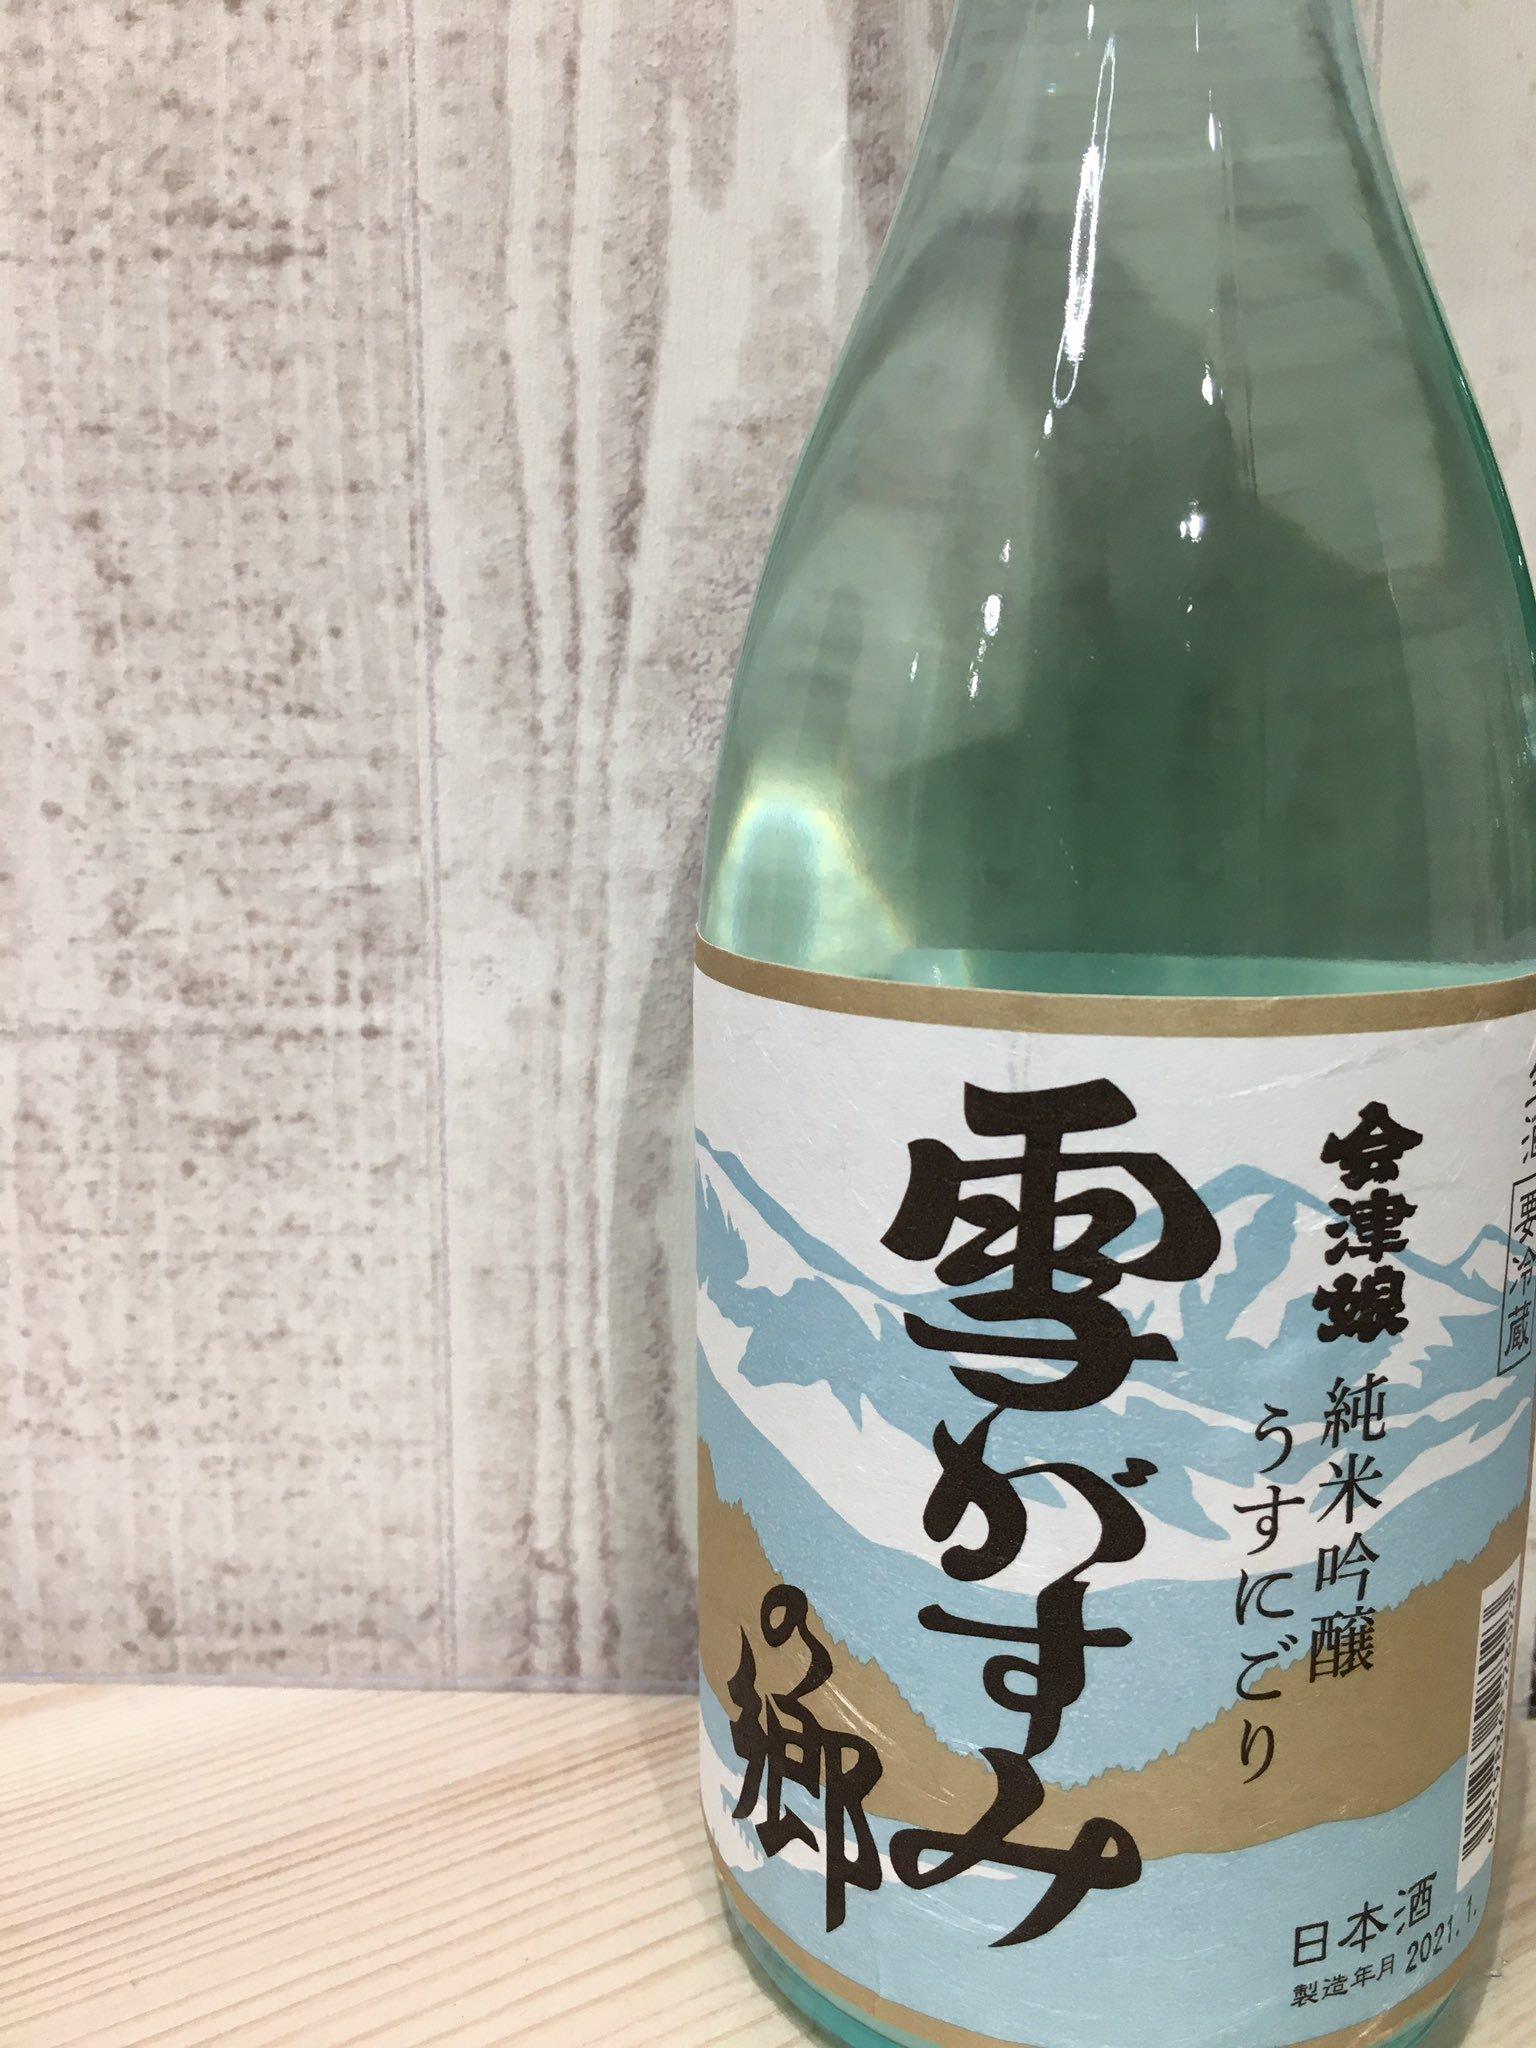 千里丘の名店「和 昊(そら)」さんの、持ち帰り鍋セット_d0367608_15174993.jpg